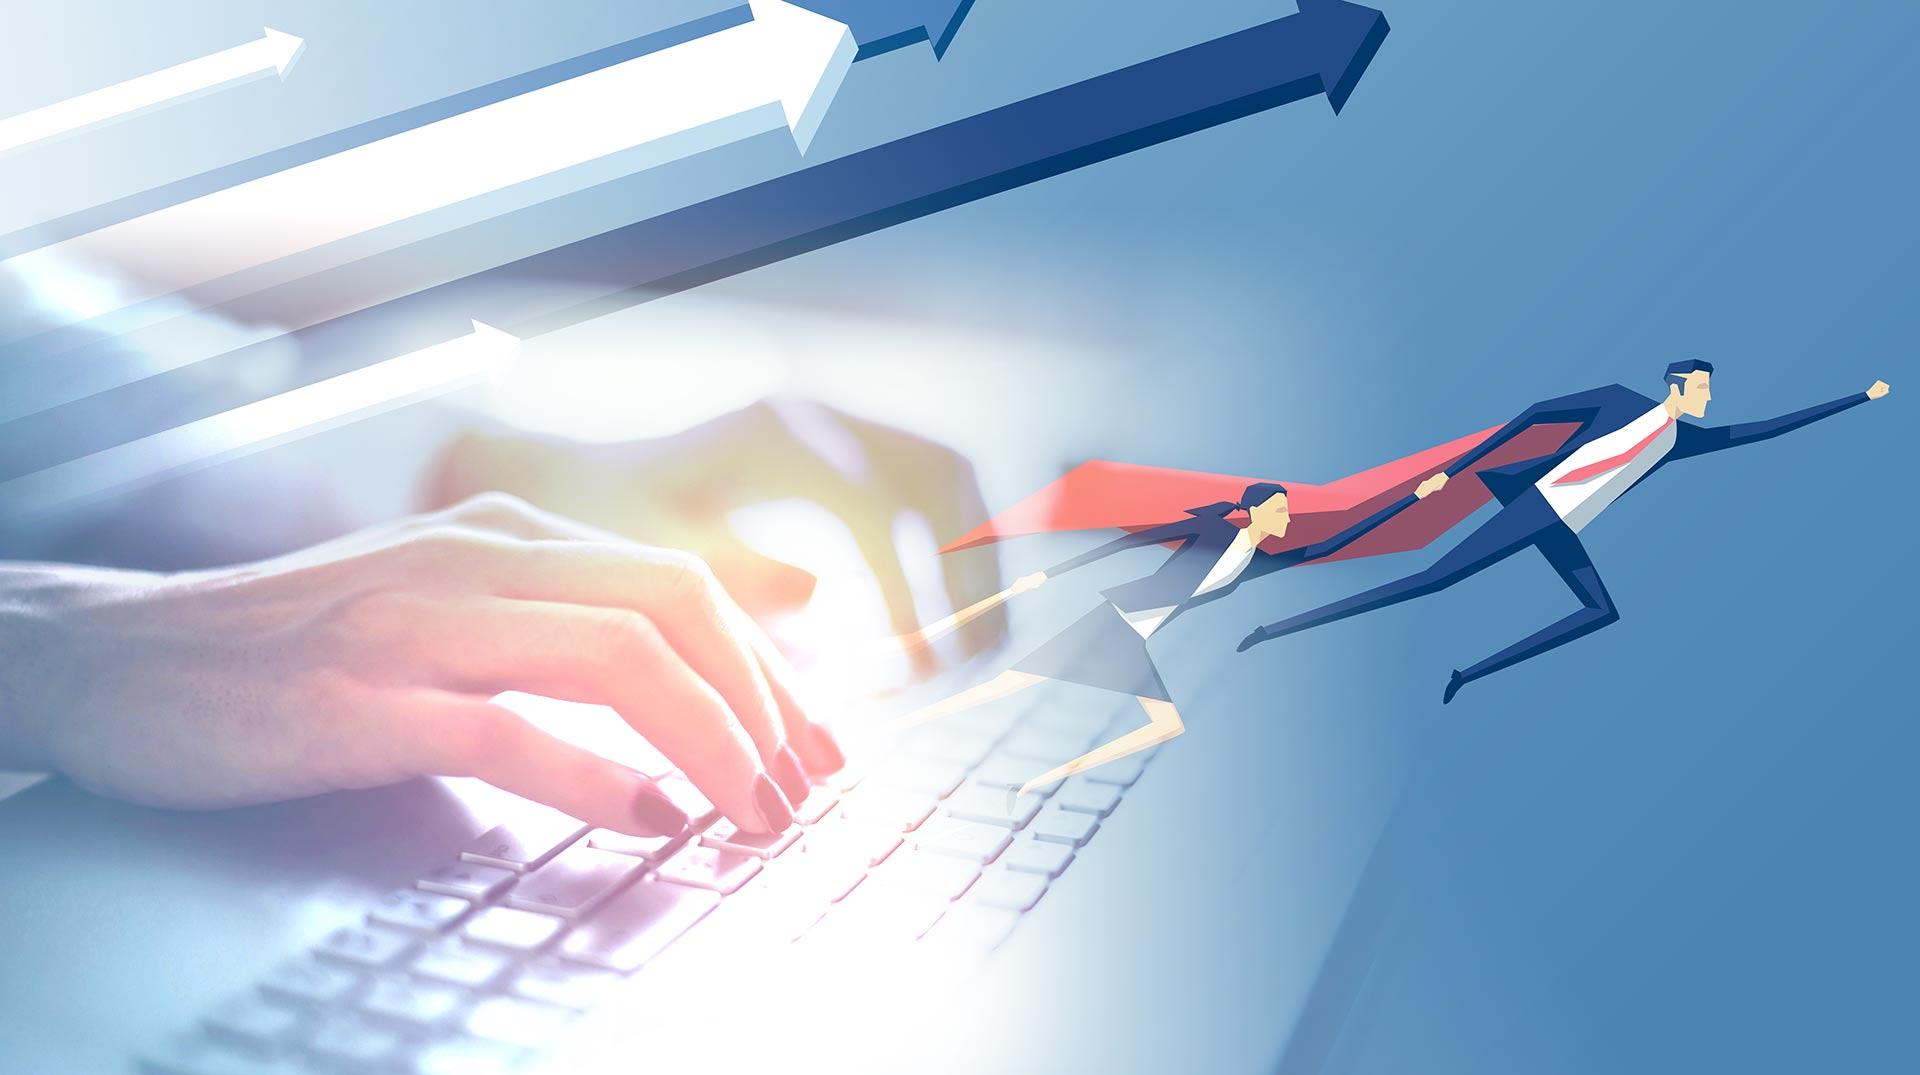 online-marketing-blog-image-laptop-sales-climbing